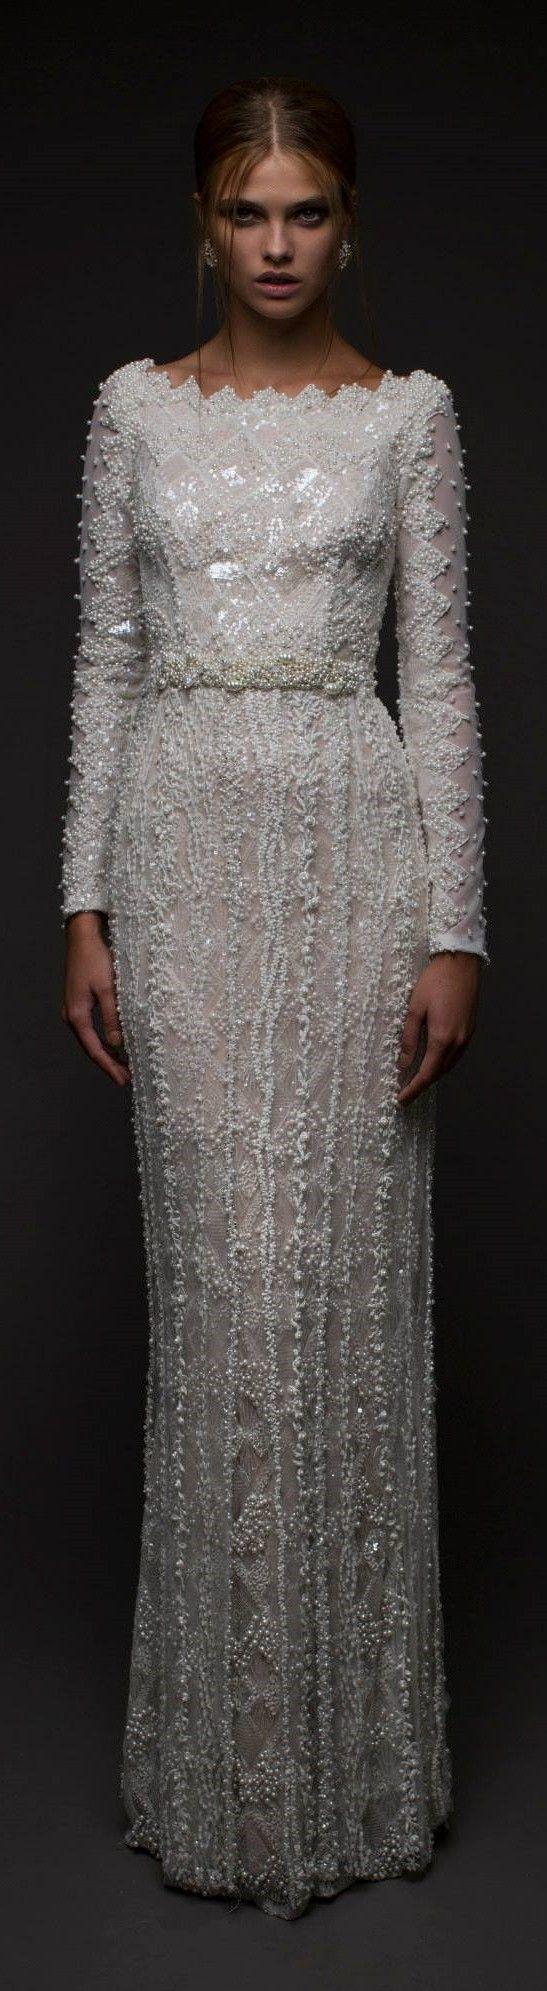 Schön Narciso Rodriguez Brautkleid Zeitgenössisch - Brautkleider ...